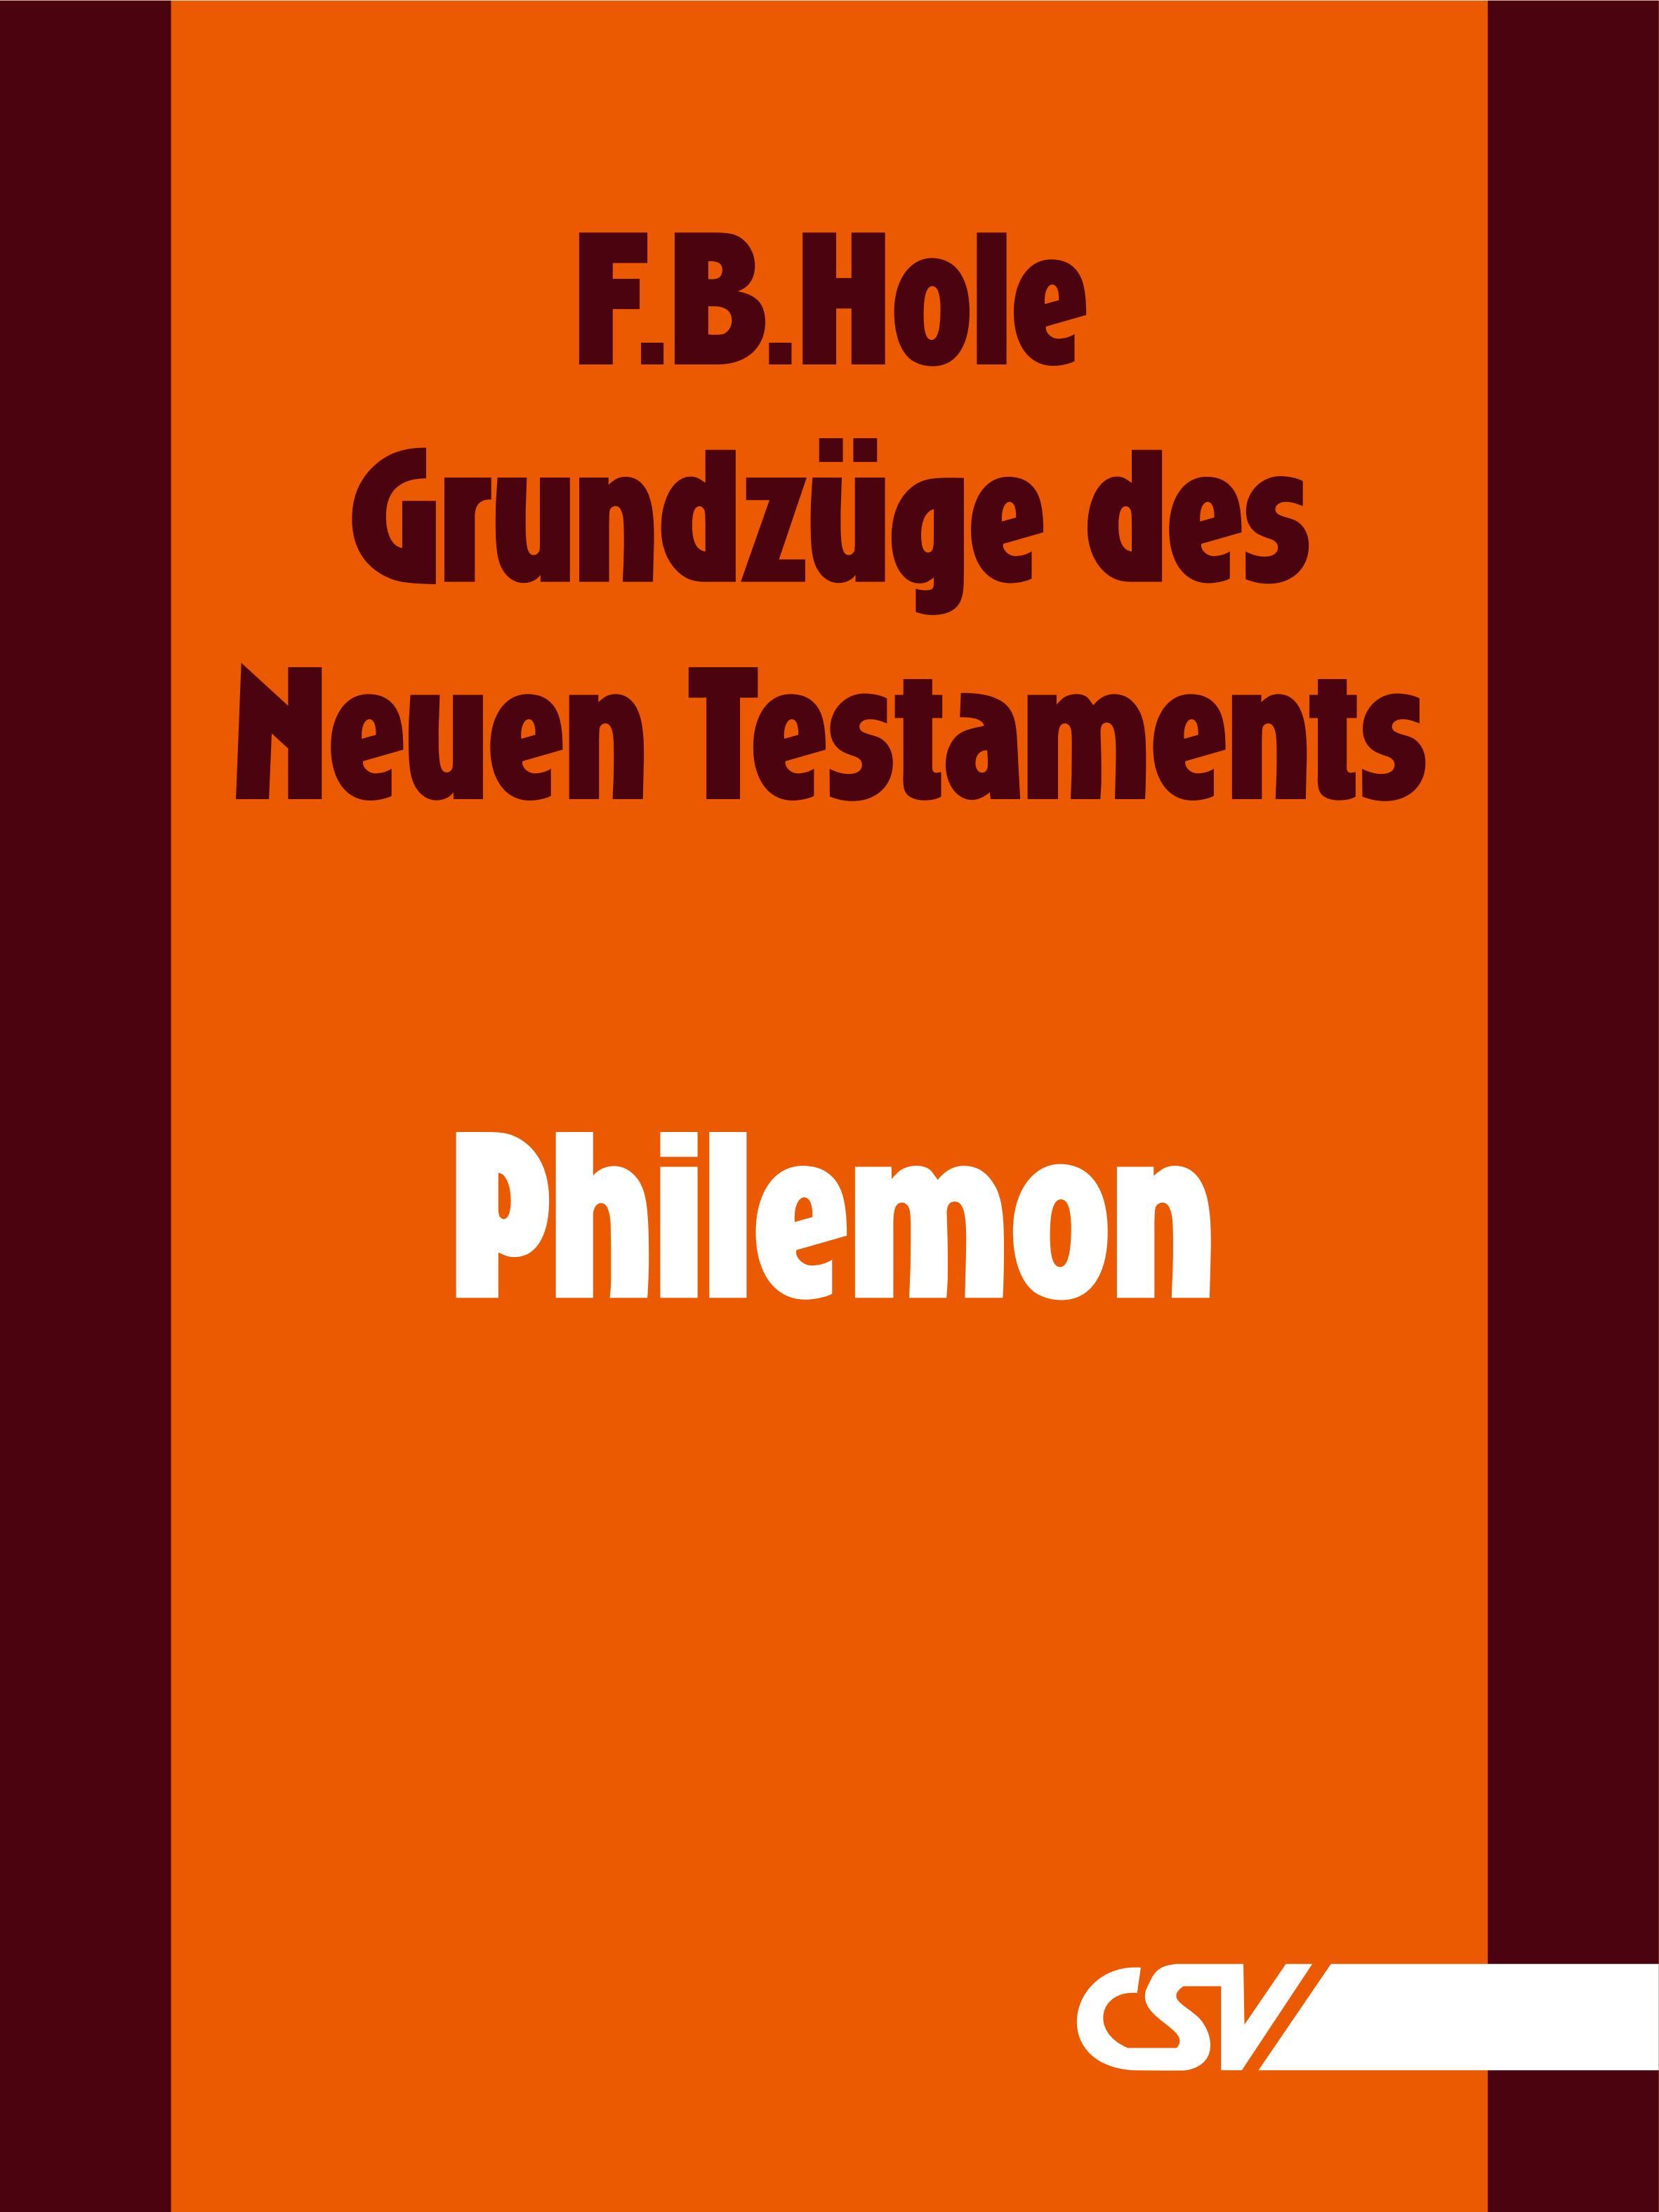 F. B. Hole Grundzüge des Neuen Testaments - Philemon f b hole grundzüge des neuen testaments 2 korinther